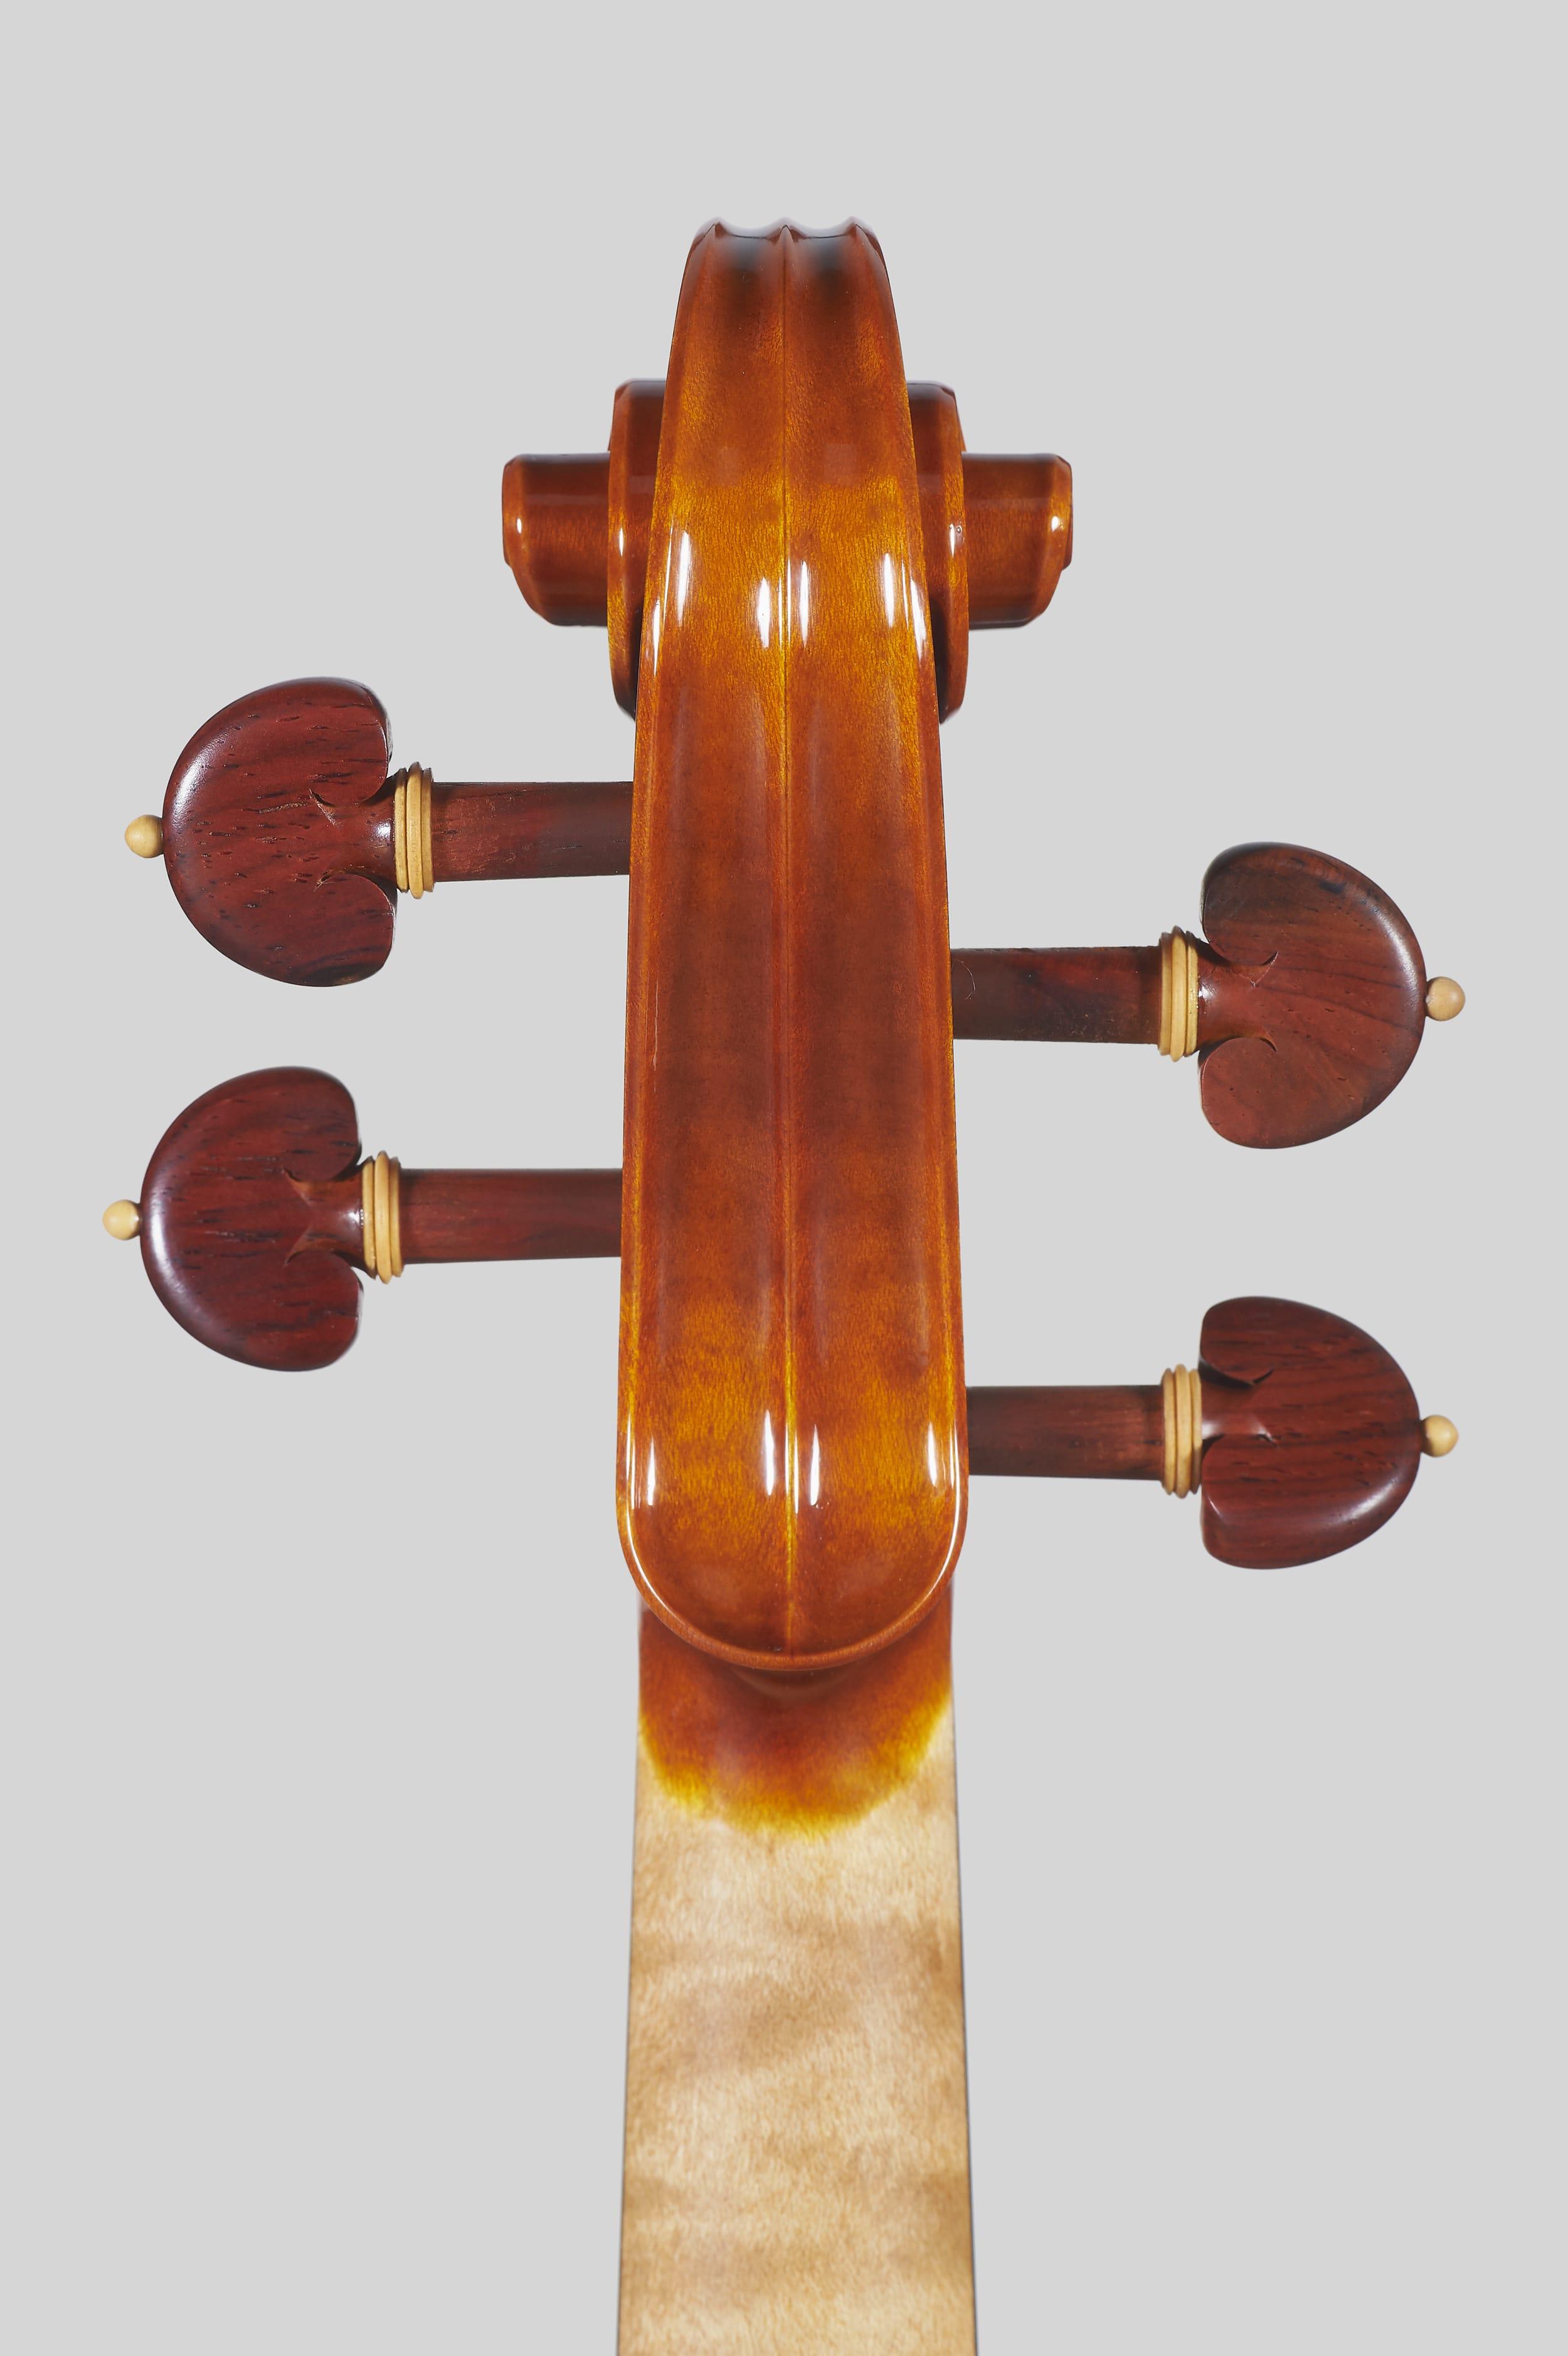 """Anno 2018 – Violino modello stile A. Stradivari """"Soil"""" 1714 - Testa retro"""